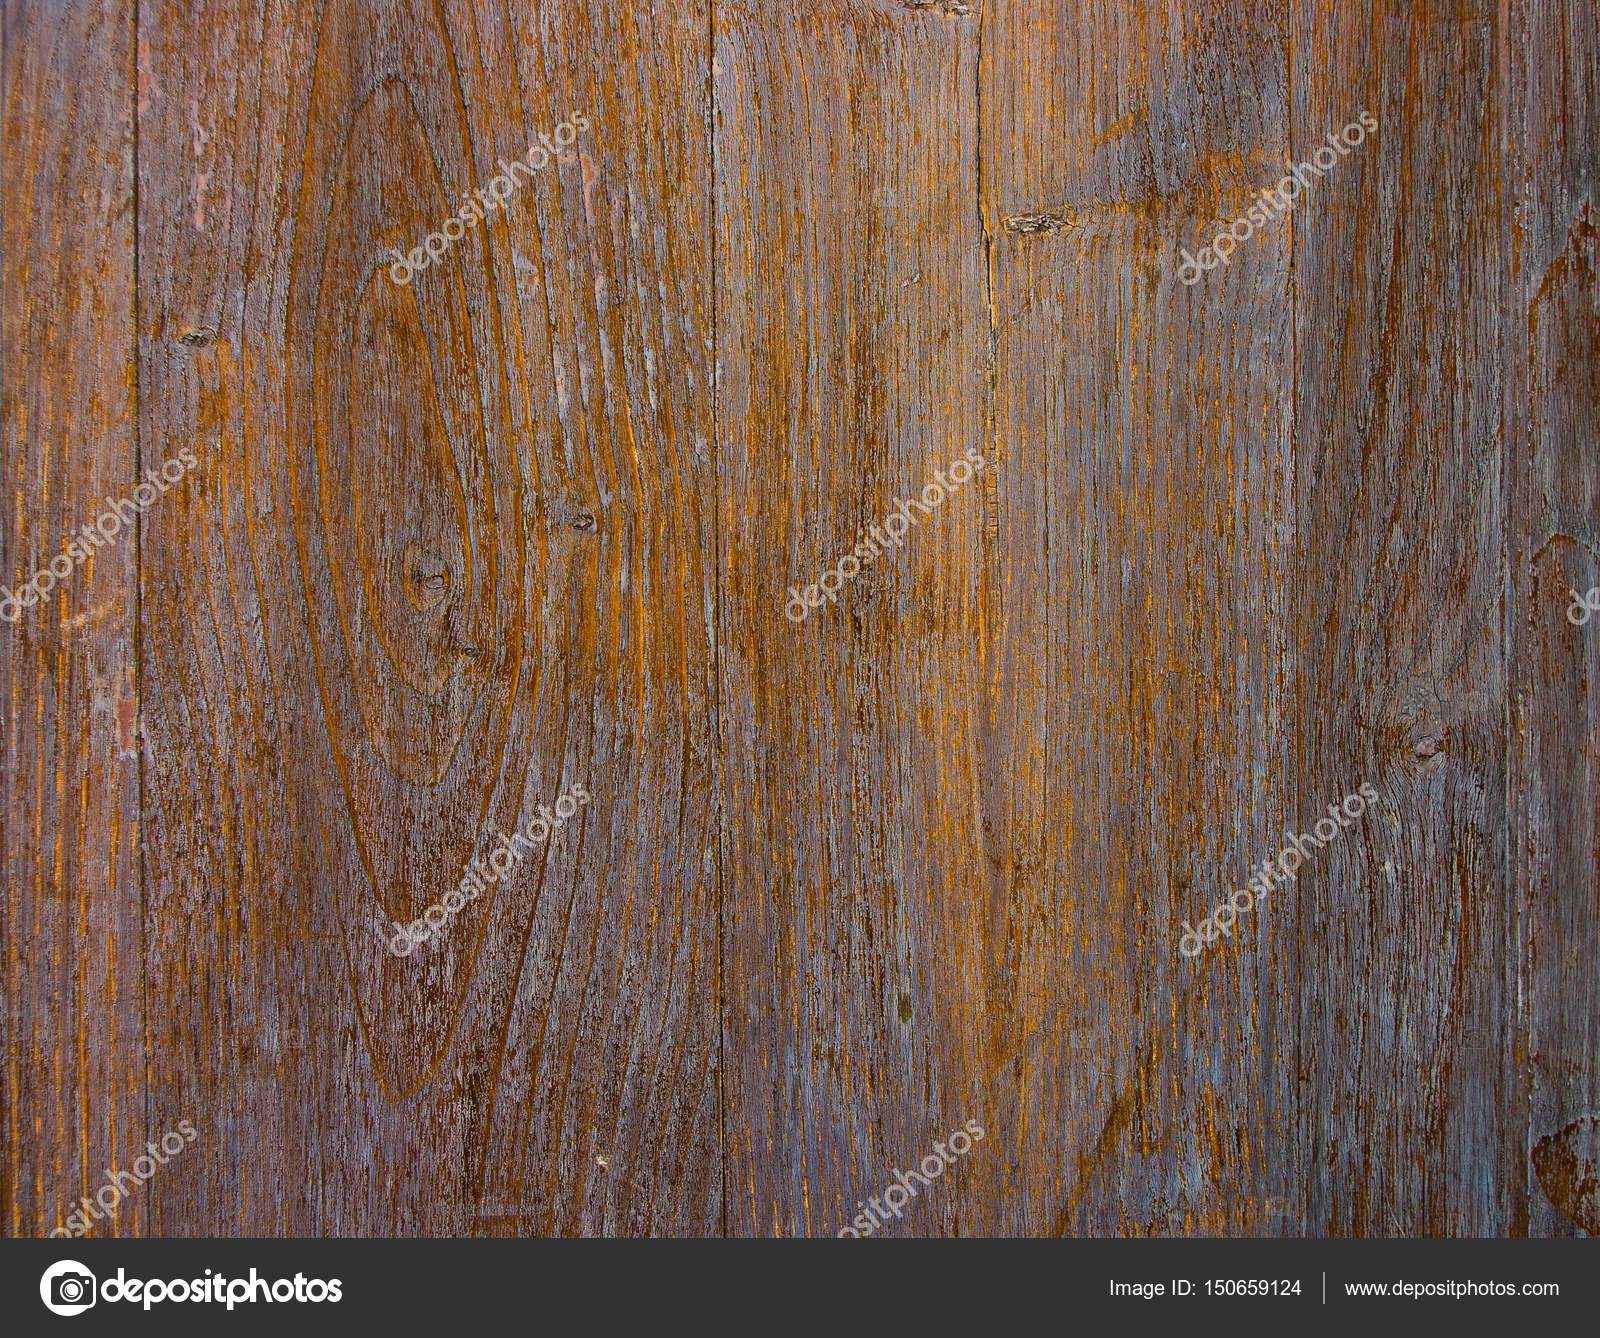 De Bruin Hout.Bruin Oud Hout Stockfoto C Ninanaina 150659124